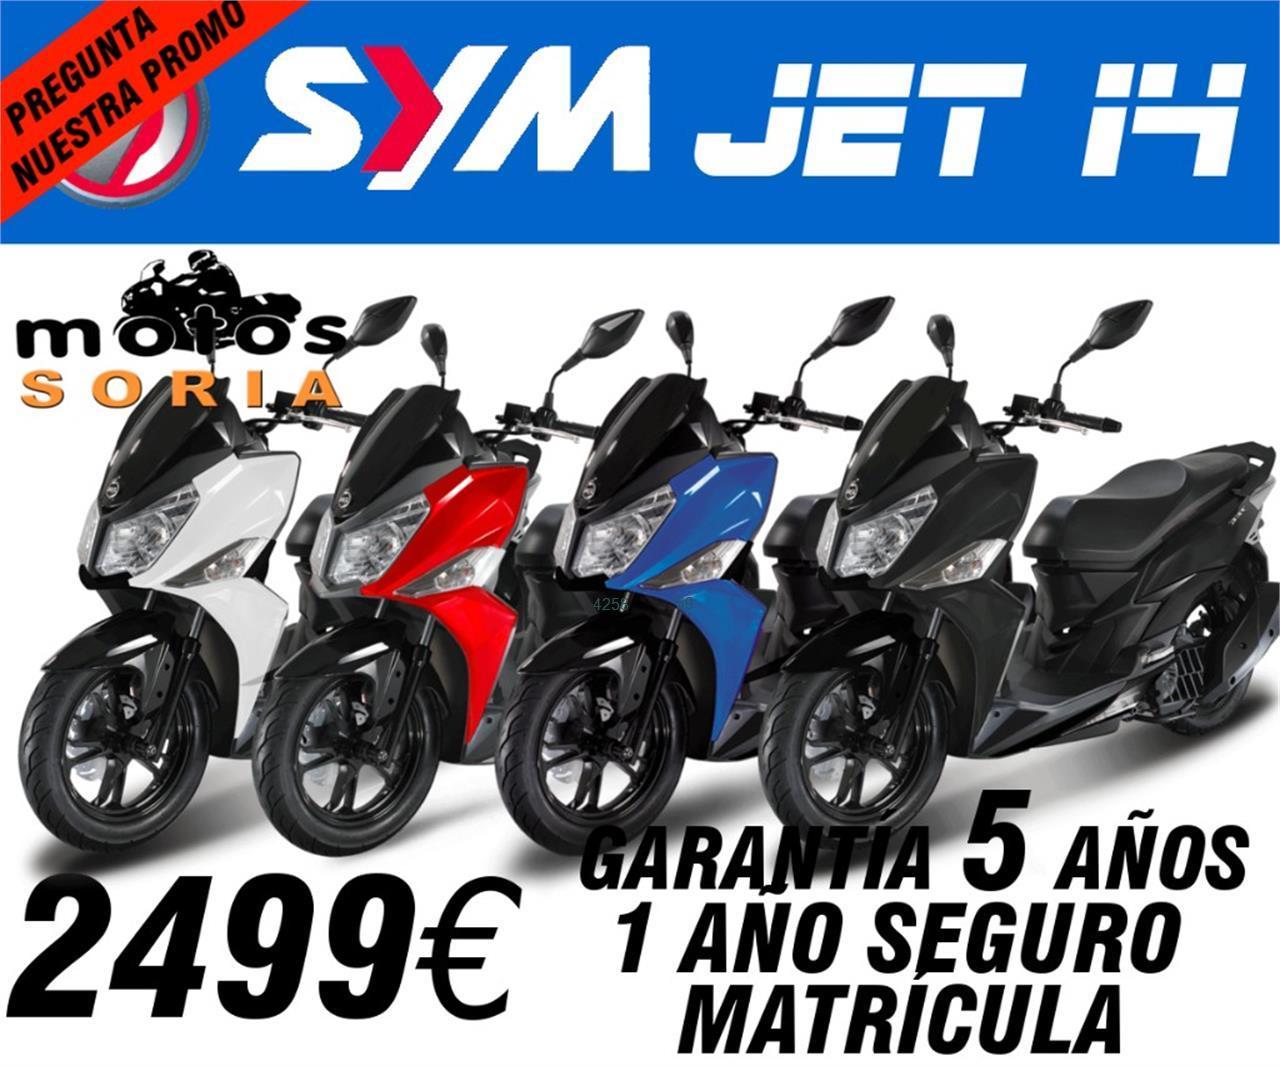 SYM Jet 14 125i de venta